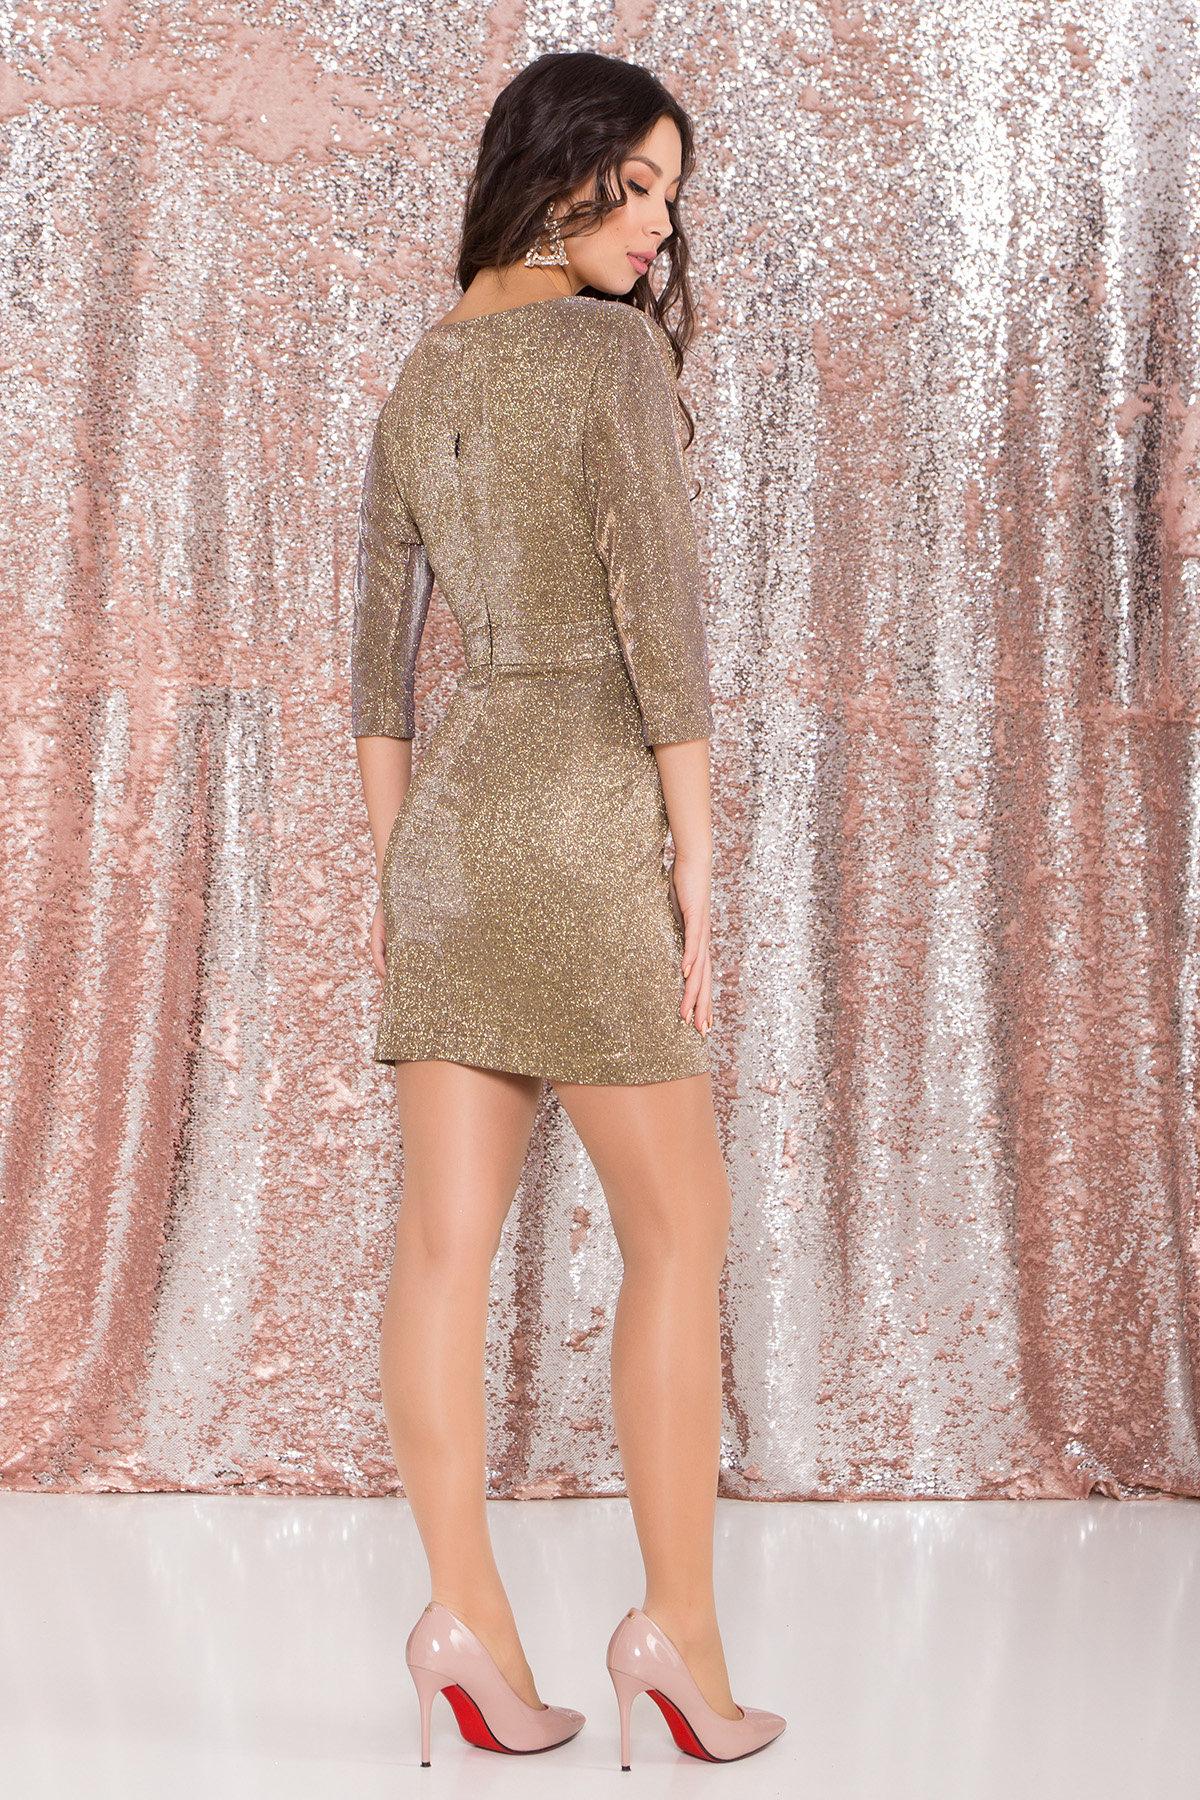 Платье-хамелеон из трикотажа с люрексом Инглот 8428 АРТ. 44863 Цвет: Золото/серебро - фото 5, интернет магазин tm-modus.ru